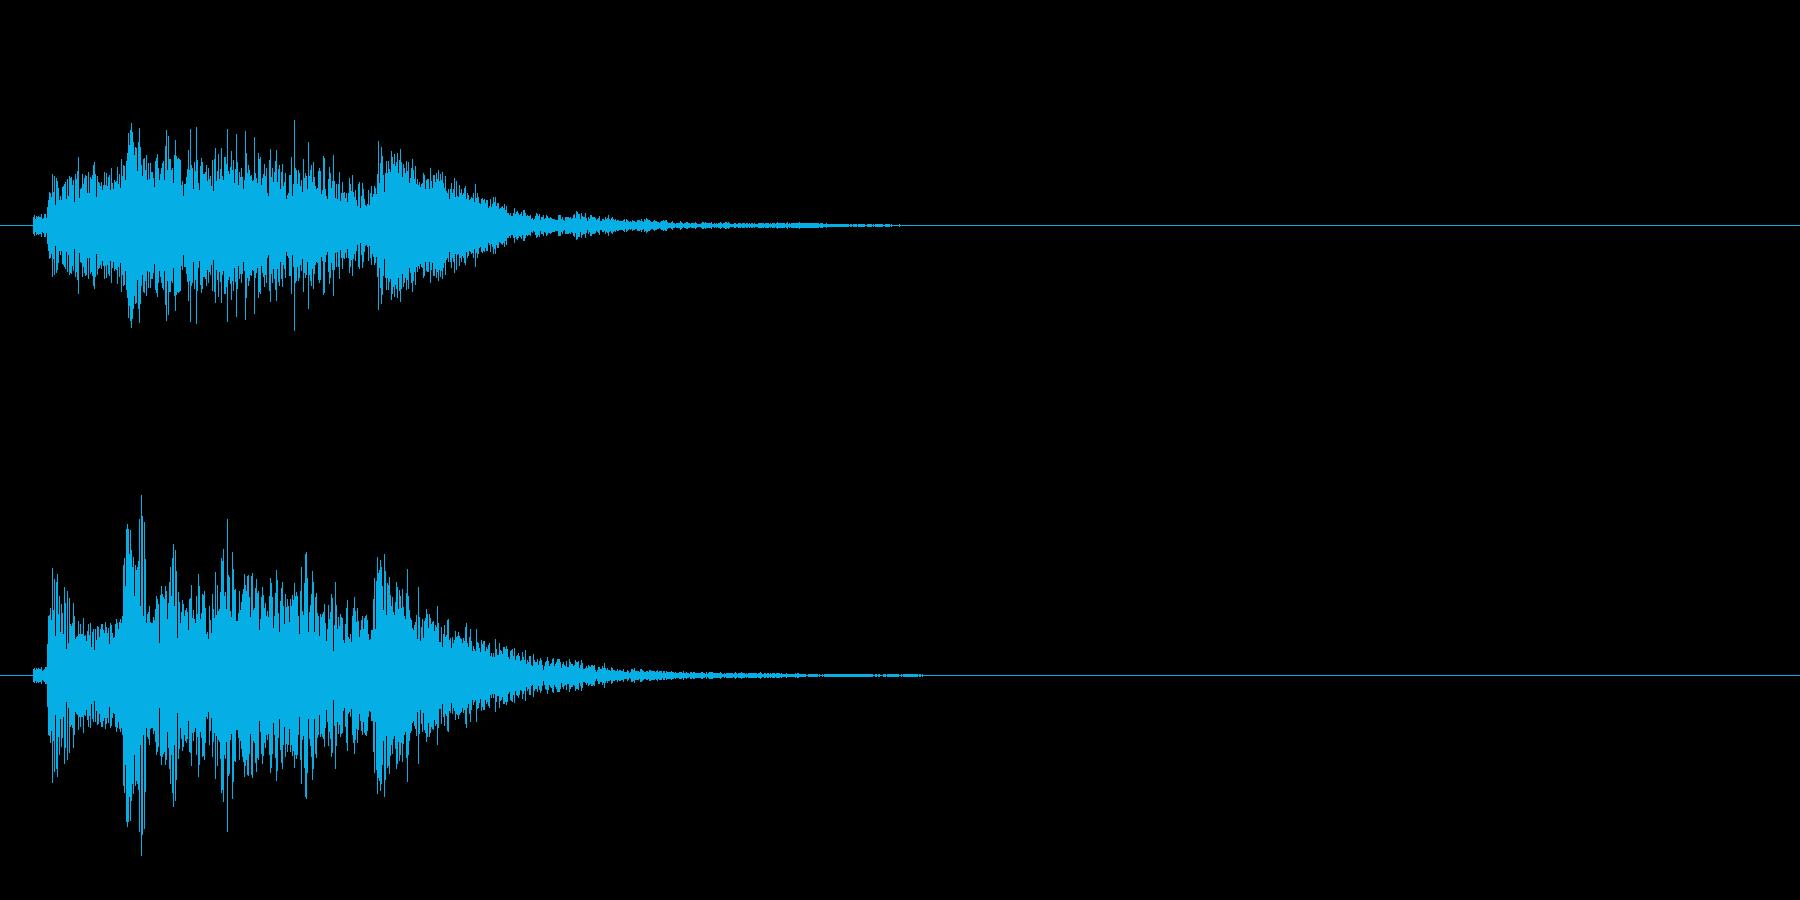 和風3 スタート音 豪華決定音の再生済みの波形